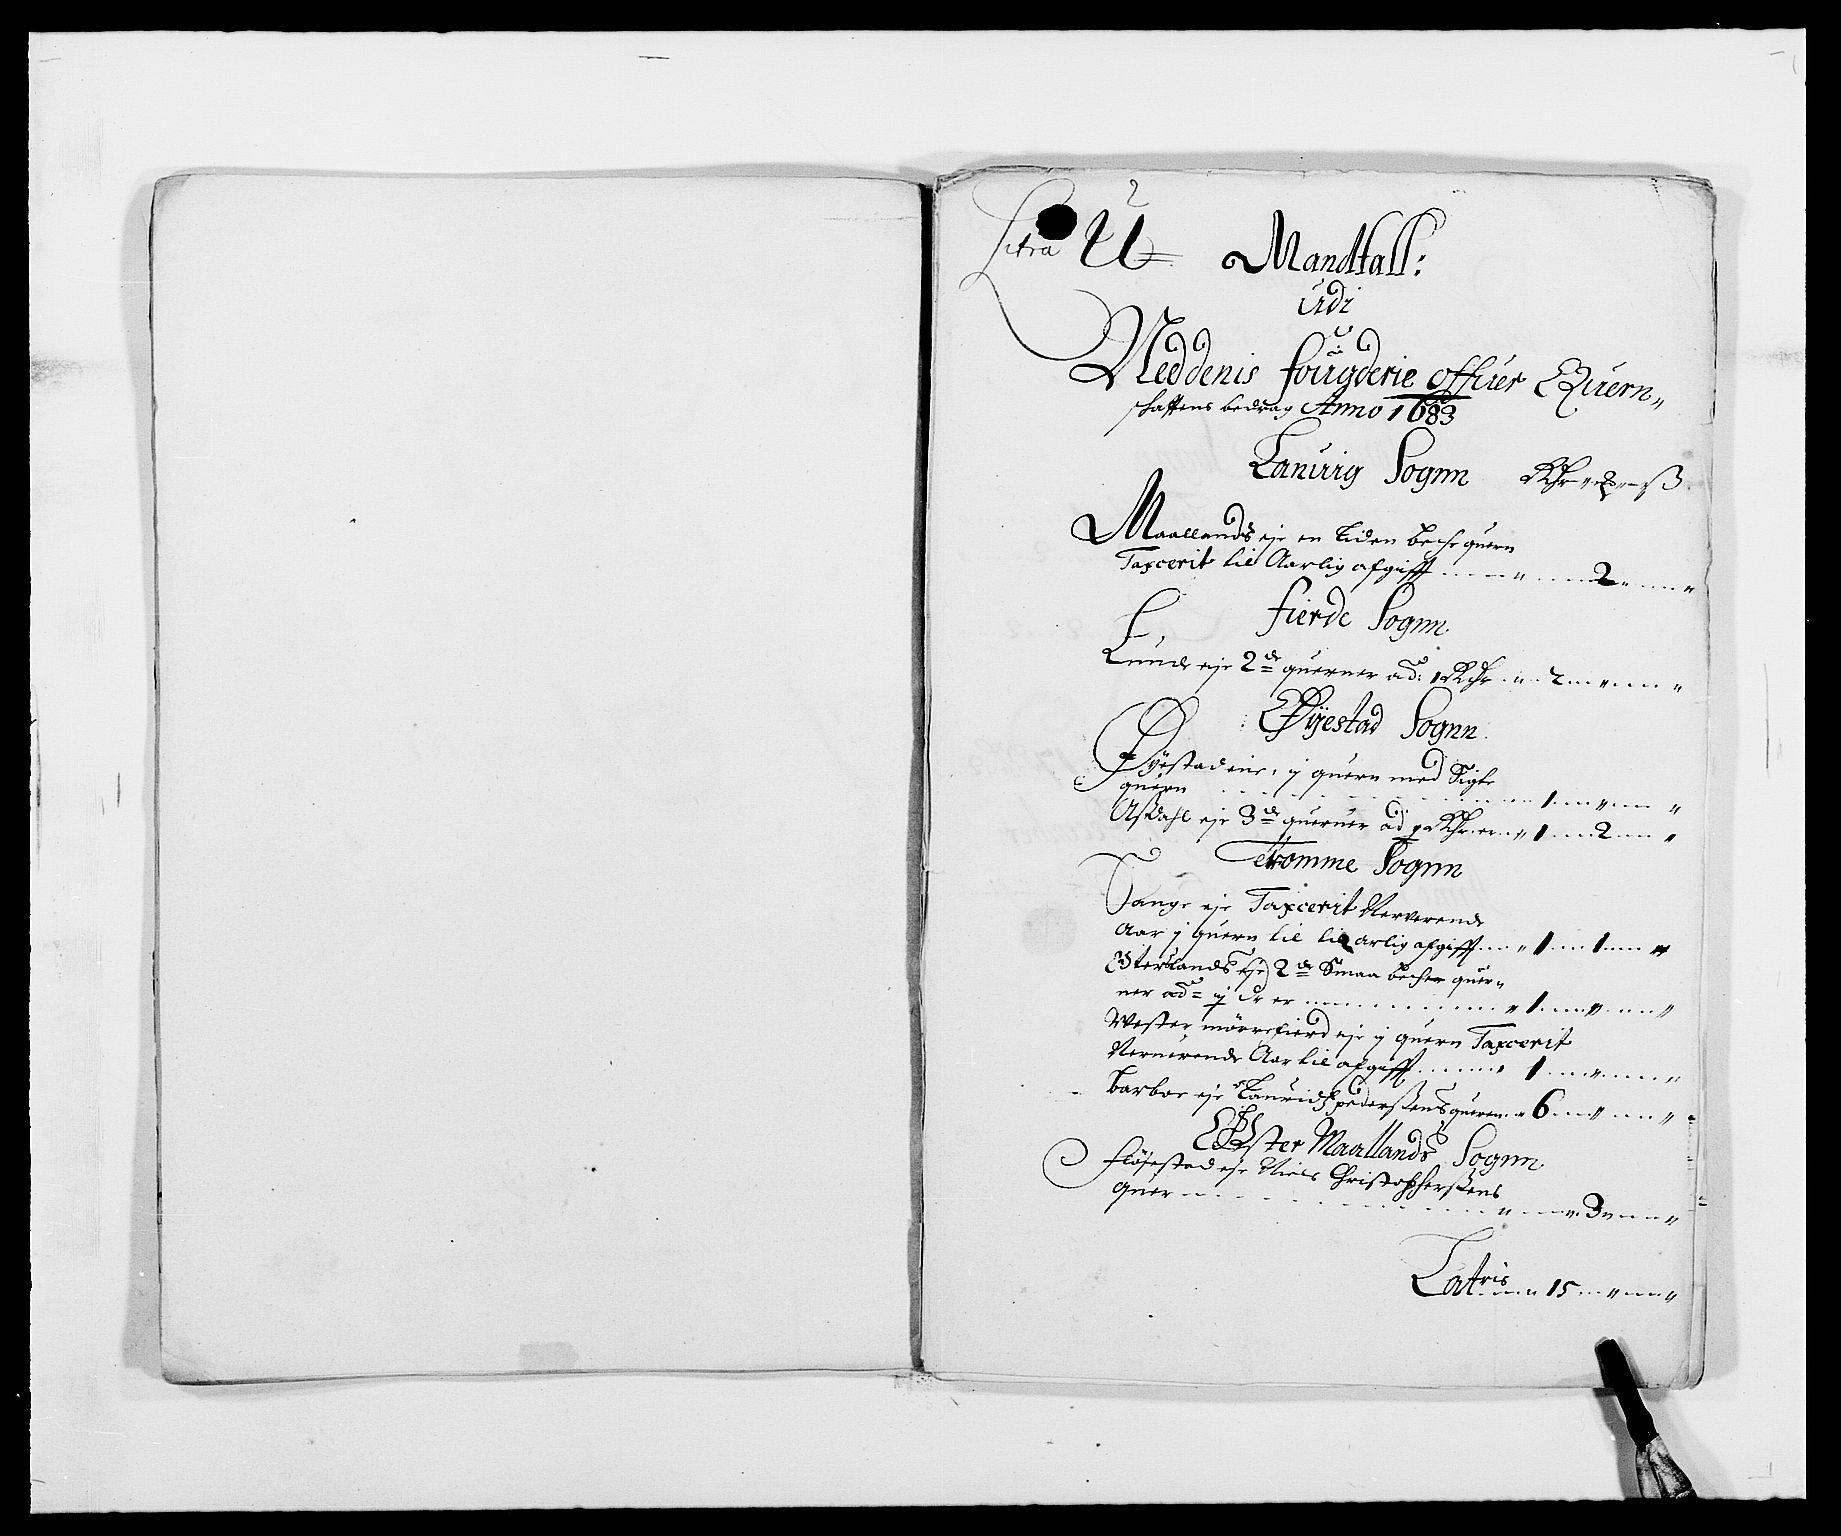 RA, Rentekammeret inntil 1814, Reviderte regnskaper, Fogderegnskap, R39/L2305: Fogderegnskap Nedenes, 1683, s. 81